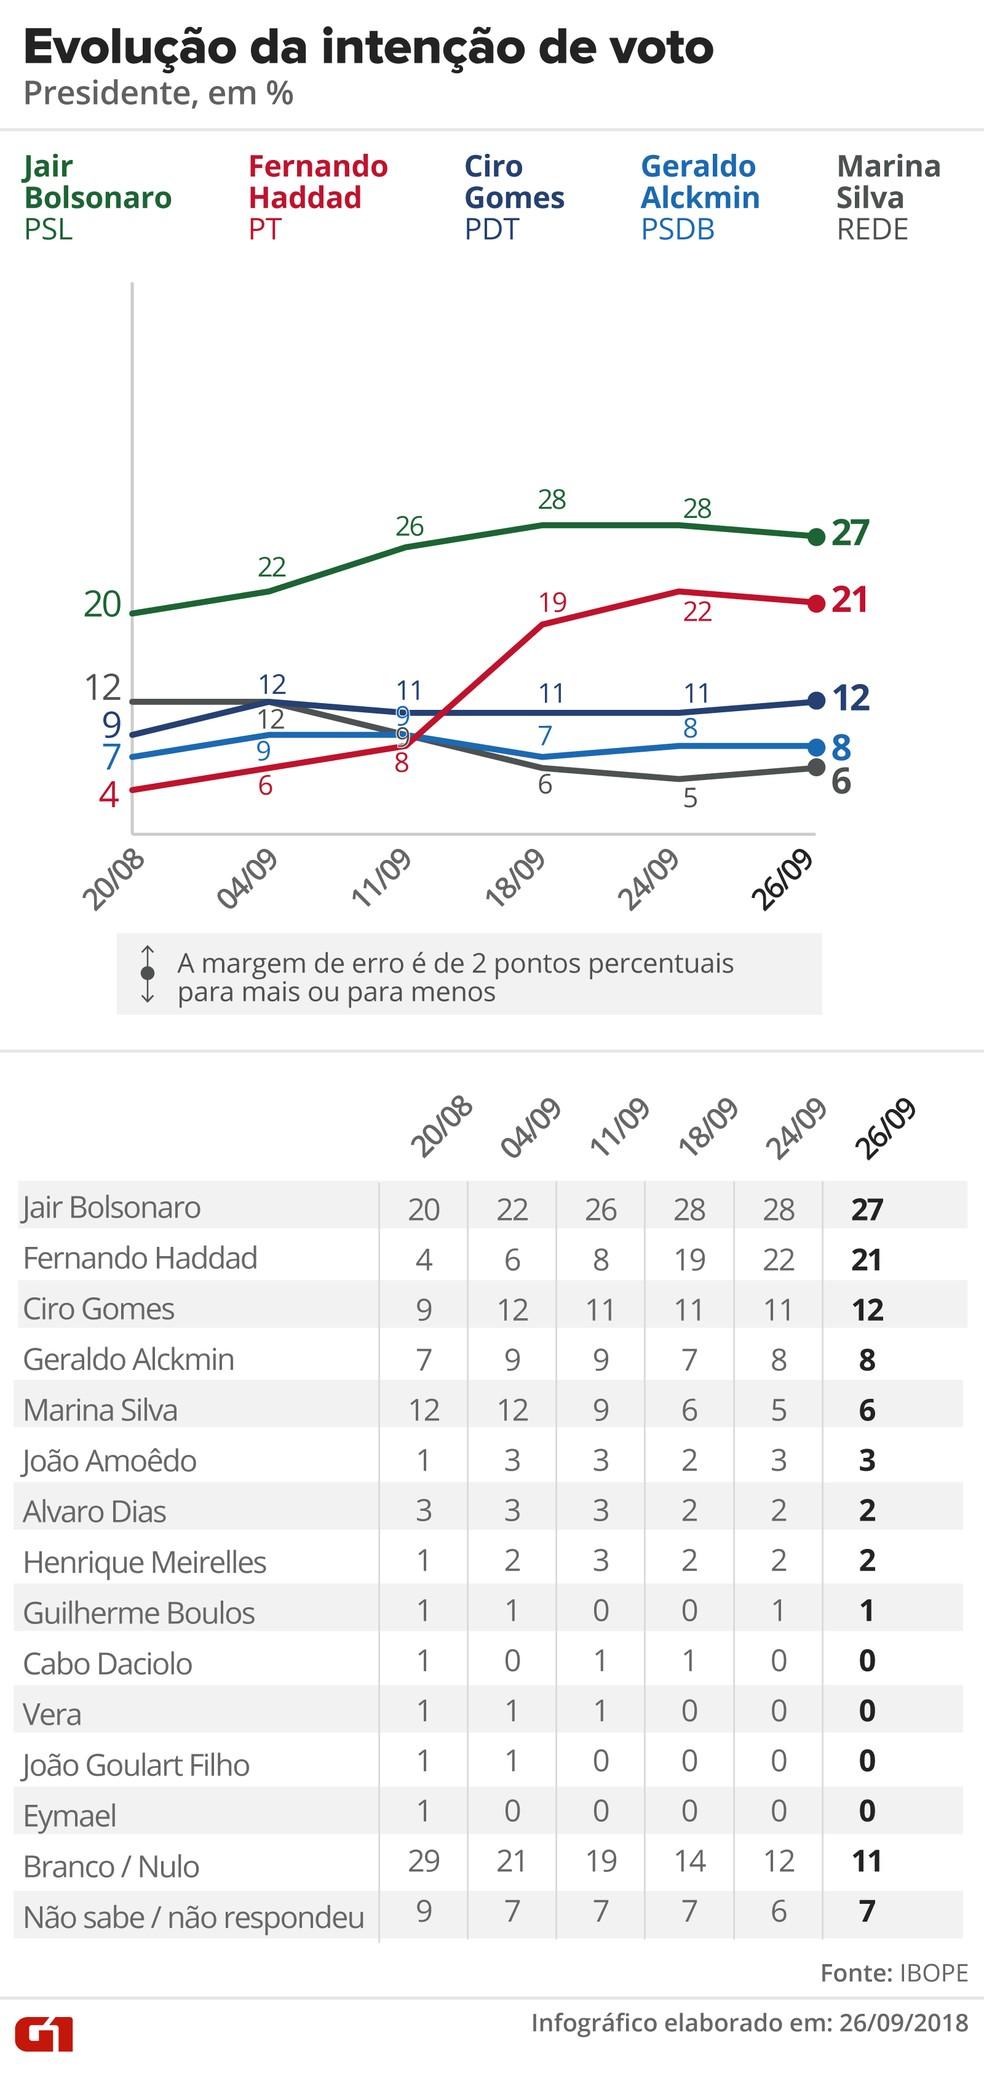 Pesquisa Ibope - 26 de setembro - Evolução da intenção de voto para presidente — Foto: Arte/G1